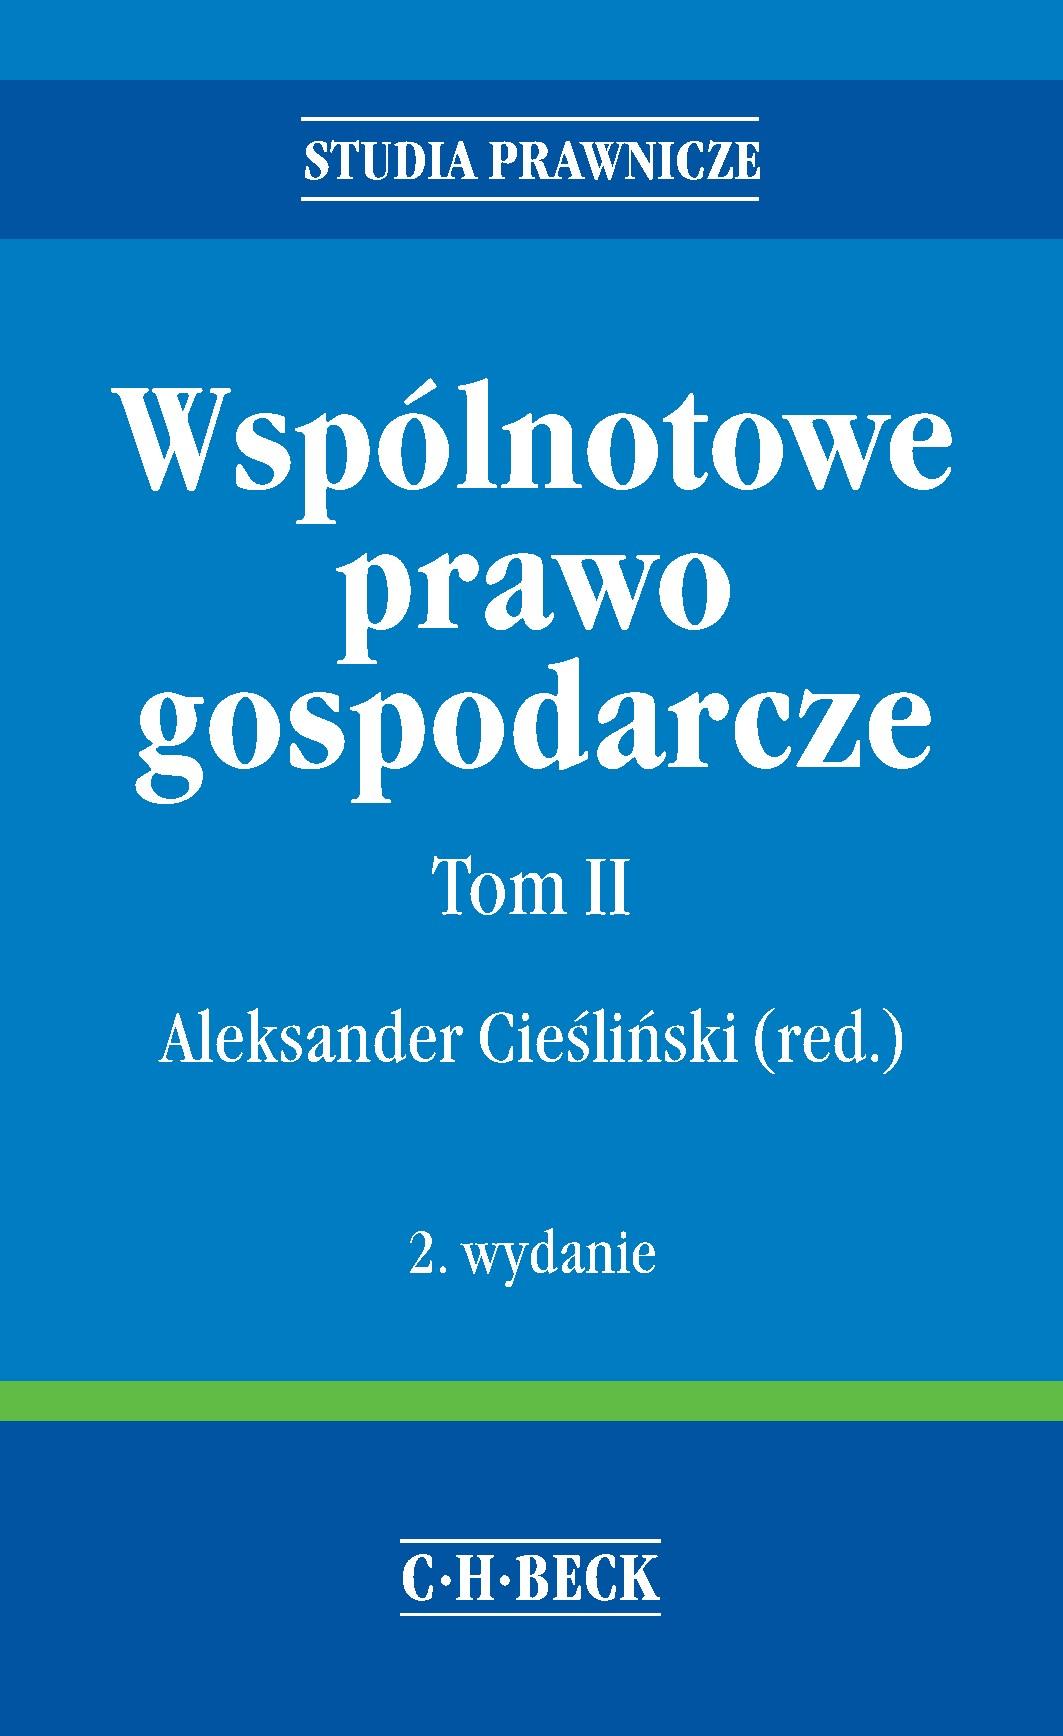 Wspólnotowe prawo gospodarcze. Tom II - Ebook (Książka PDF) do pobrania w formacie PDF